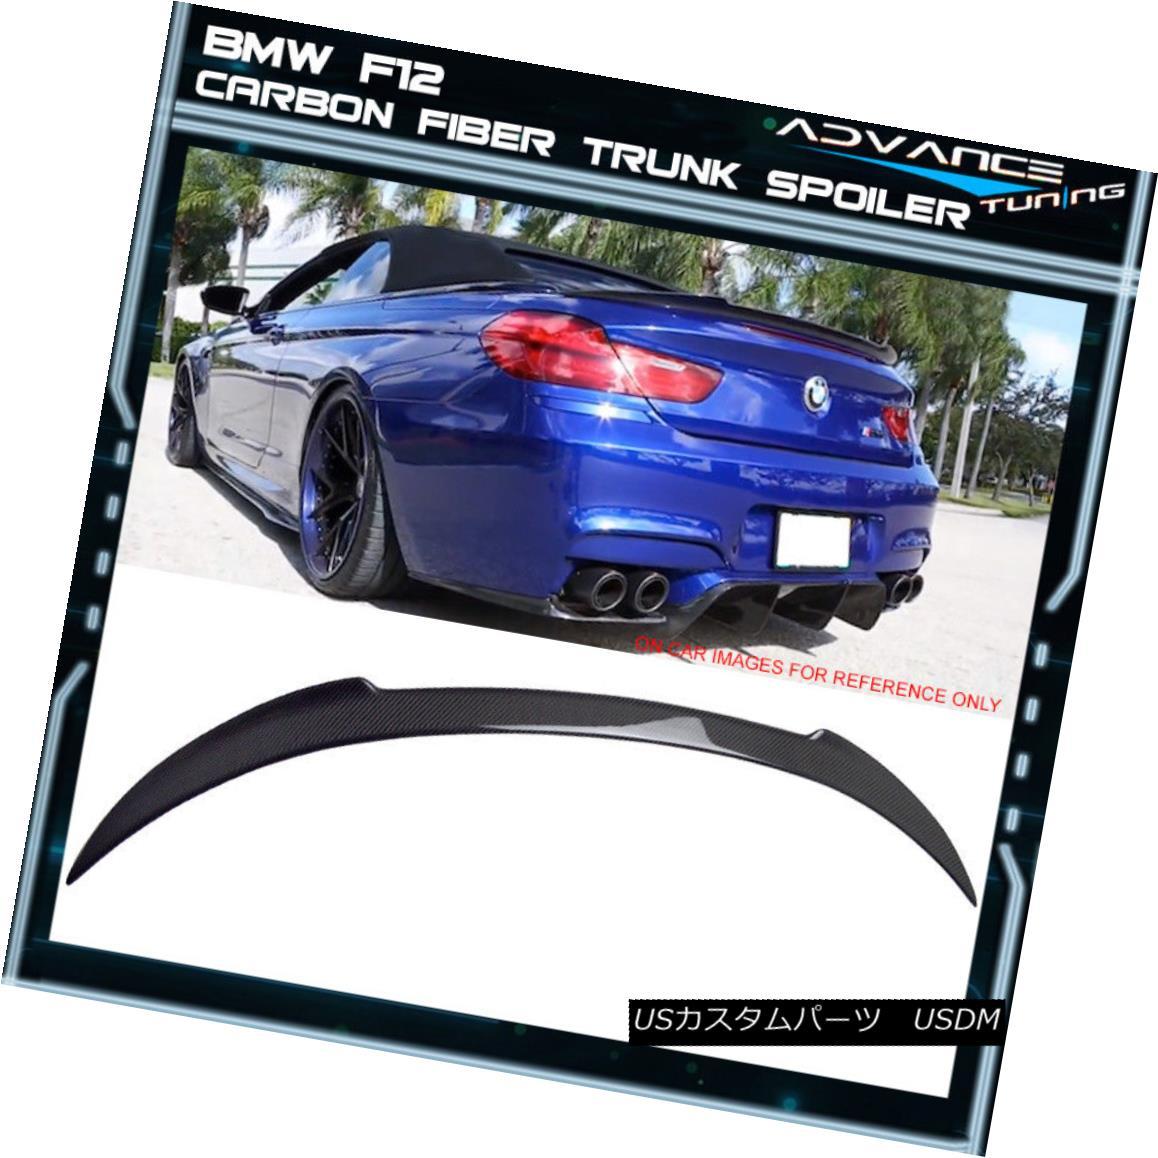 エアロパーツ 12-17 BMW F12 6-Series Convertible V Style Trunk Spoiler Wing CF Carbon Fiber 12-17 BMW F12 6シリーズコンバーチブルVスタイルトランクスポイラー翼CFカーボンファイバー